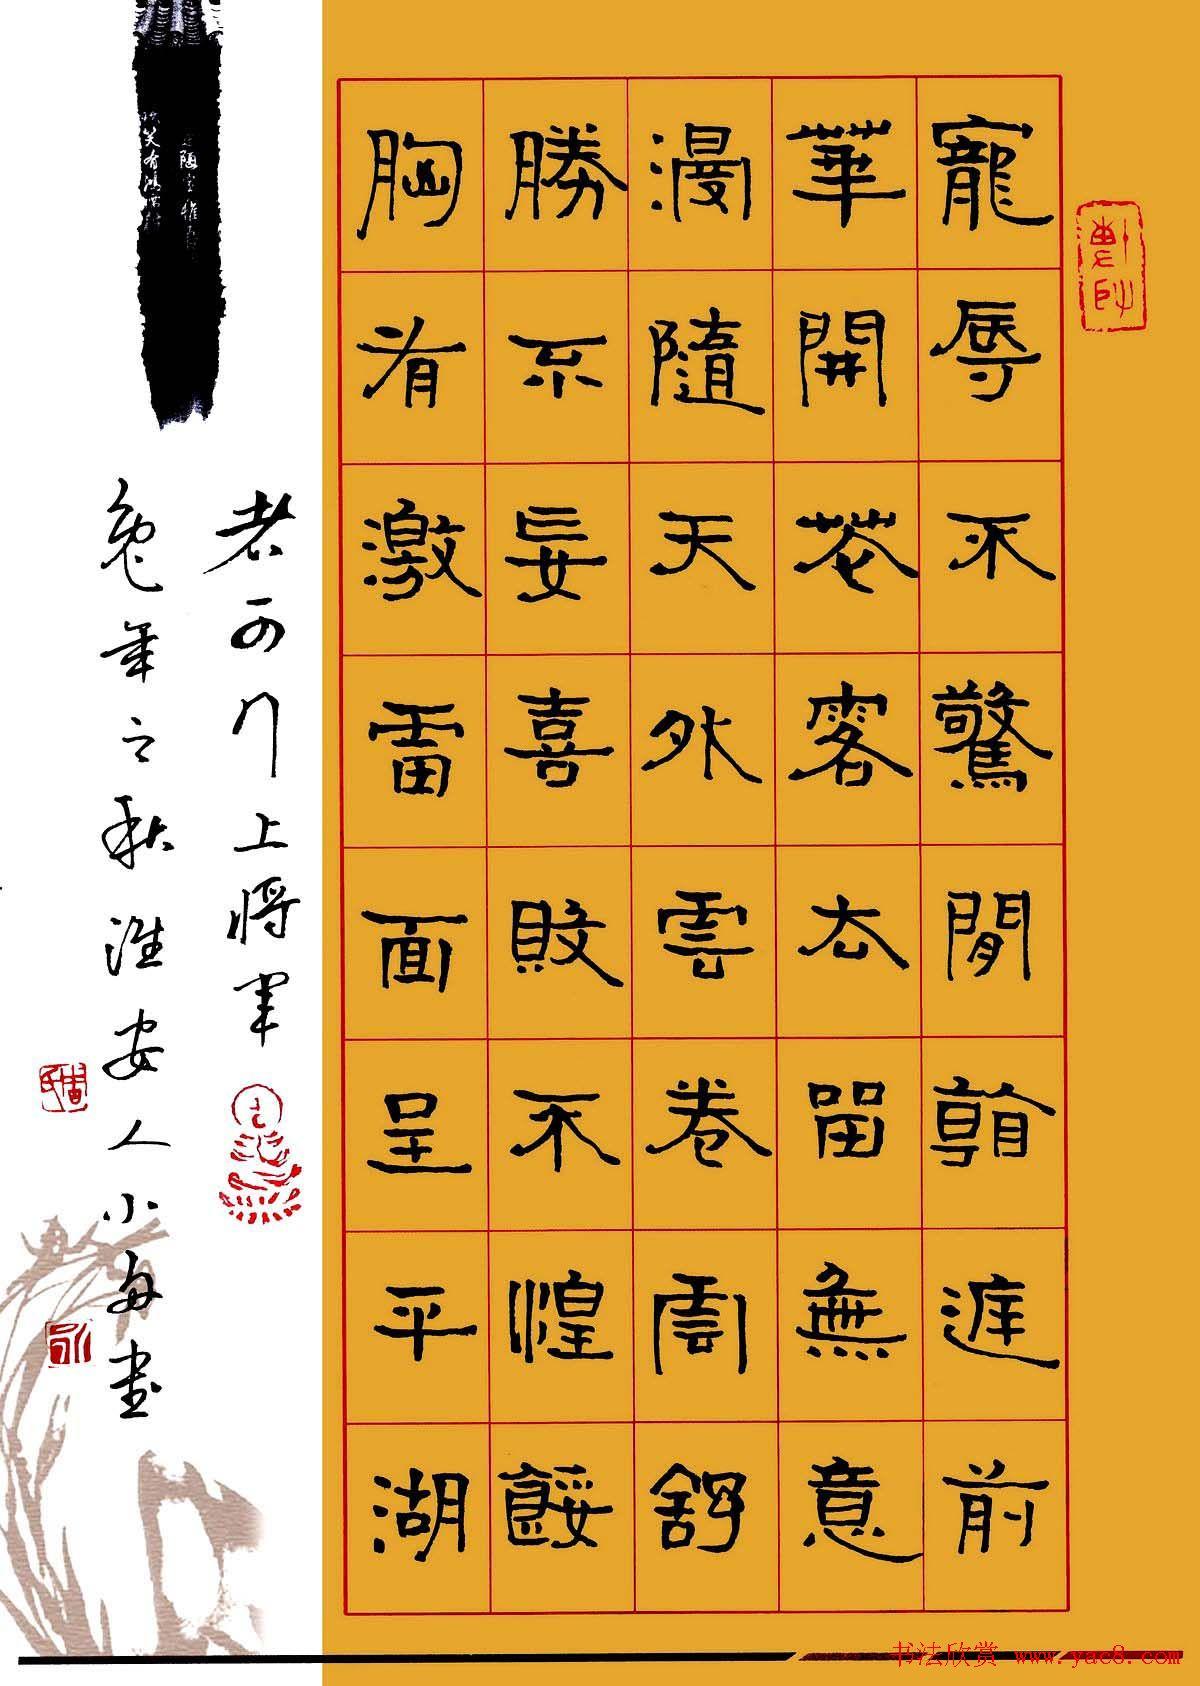 江苏周永硬笔书法作品欣赏图片